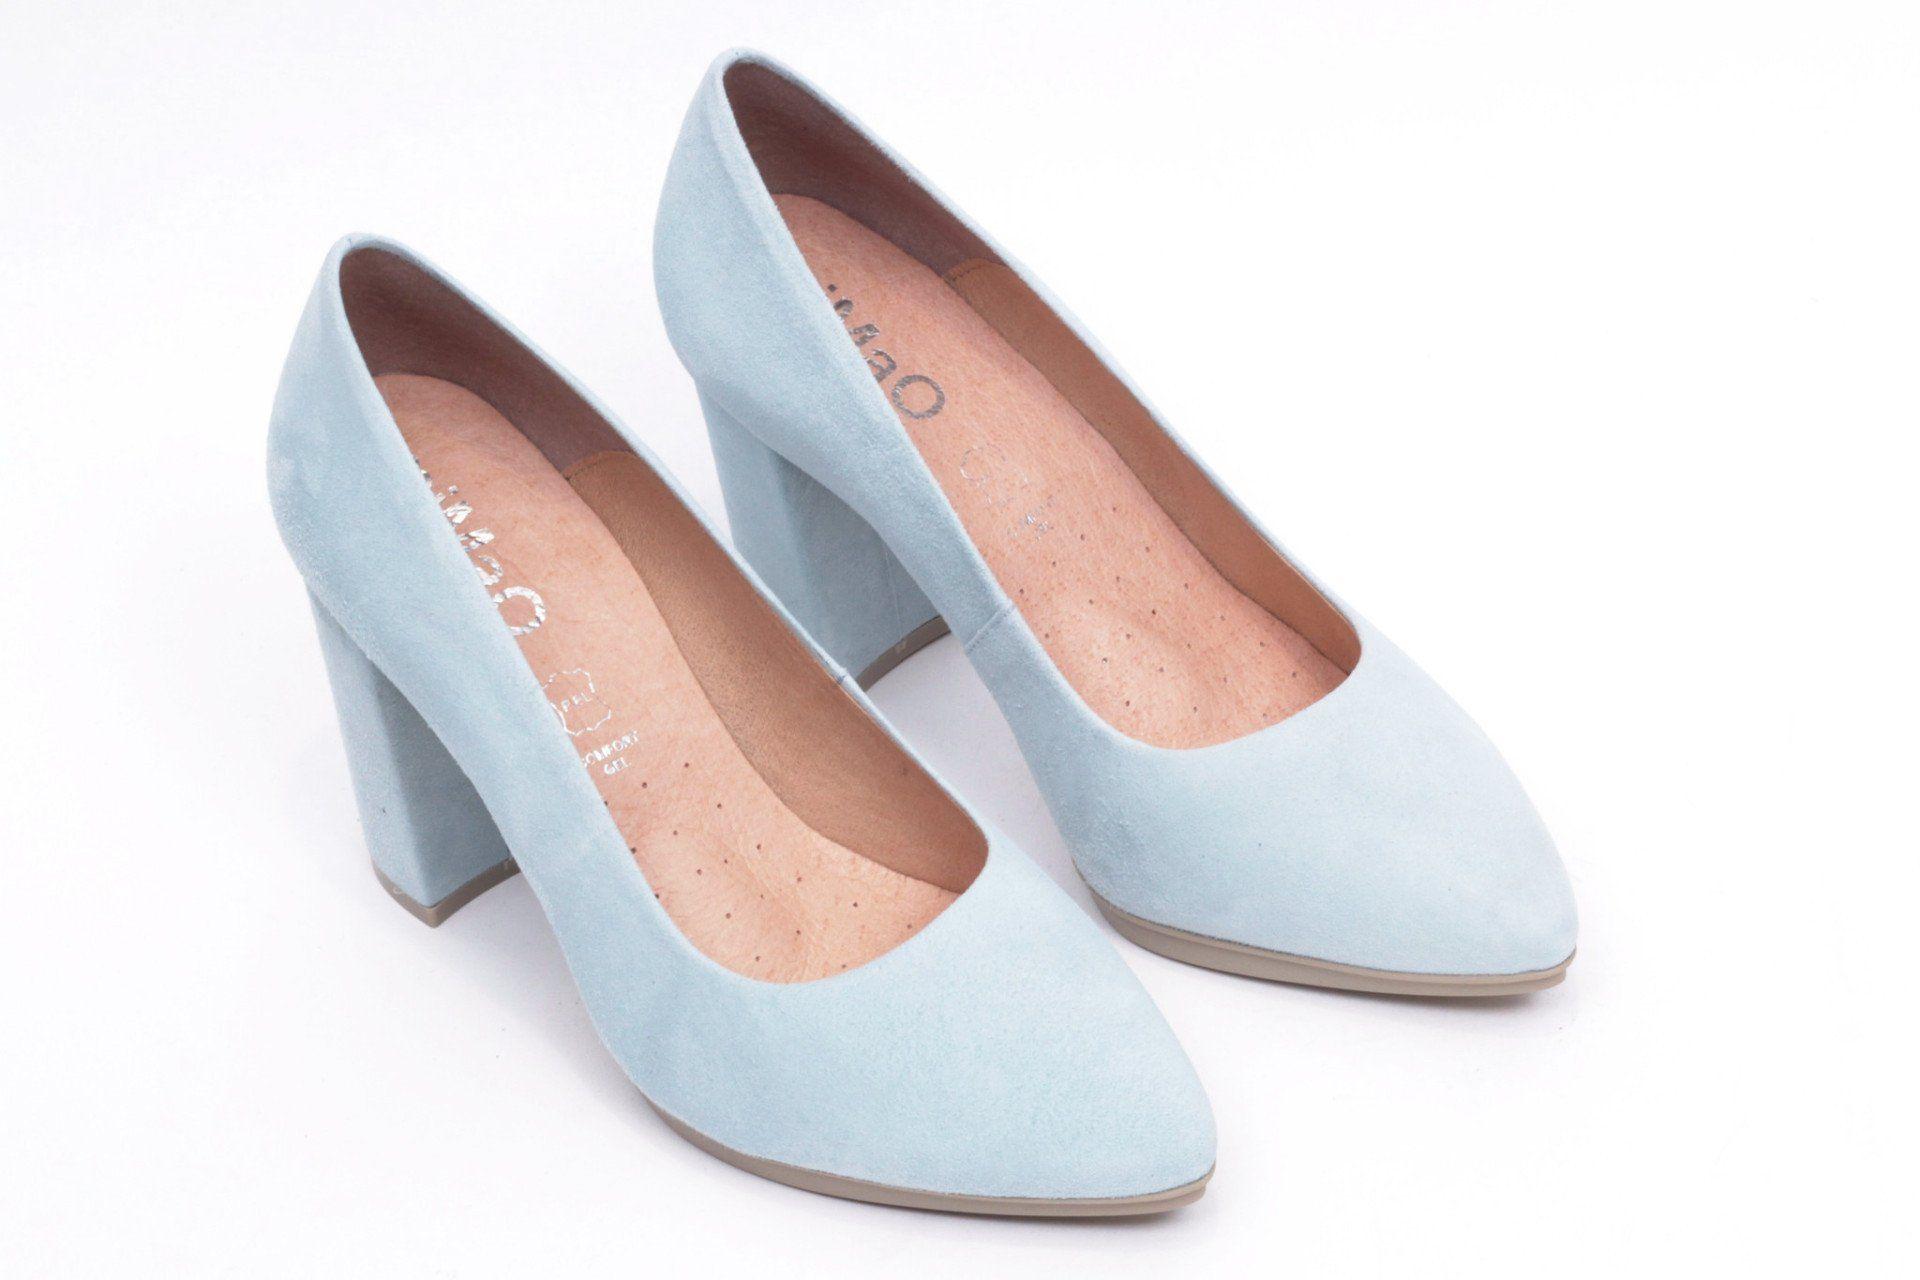 1b367496 miMaO Urban Azul Bebé – Zapato mujer de tacon salones azul vestir cómodo -  women high heels shoes baby blue comfort pumps